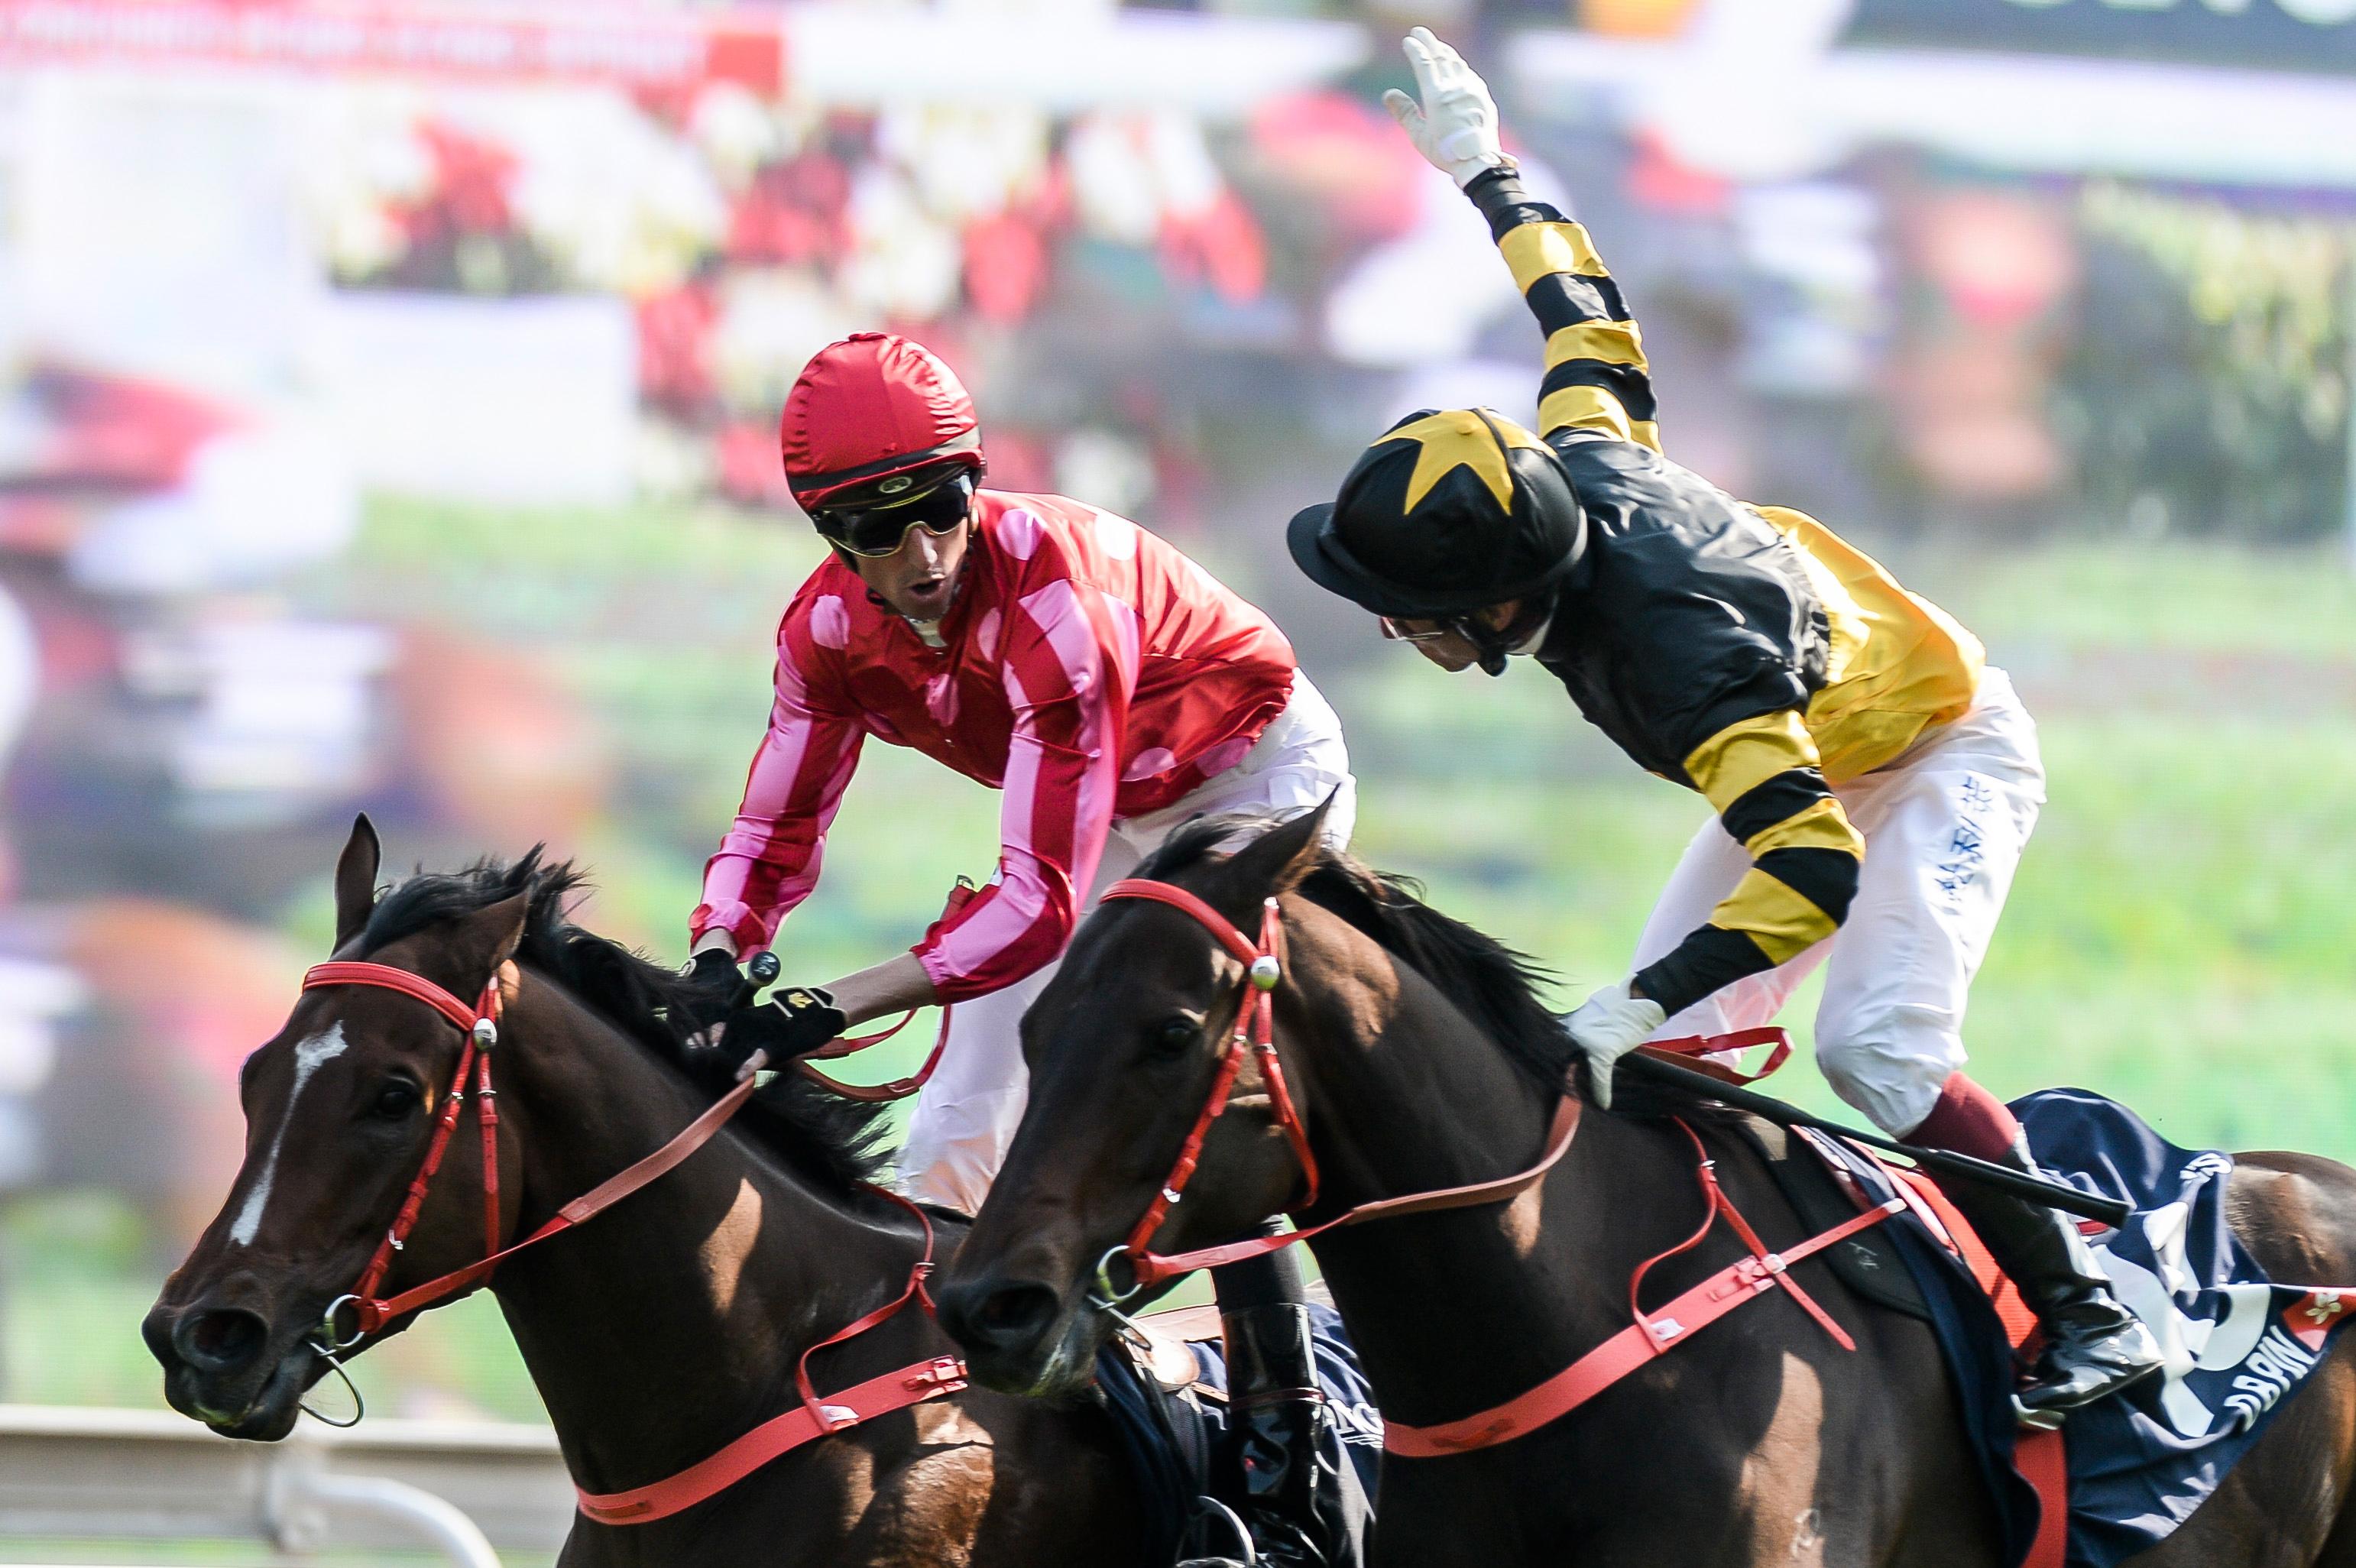 Megdöbbentő: az olasz rendőrség rájött, hogy a szicíliai maffia irányítja a lóversenyeket